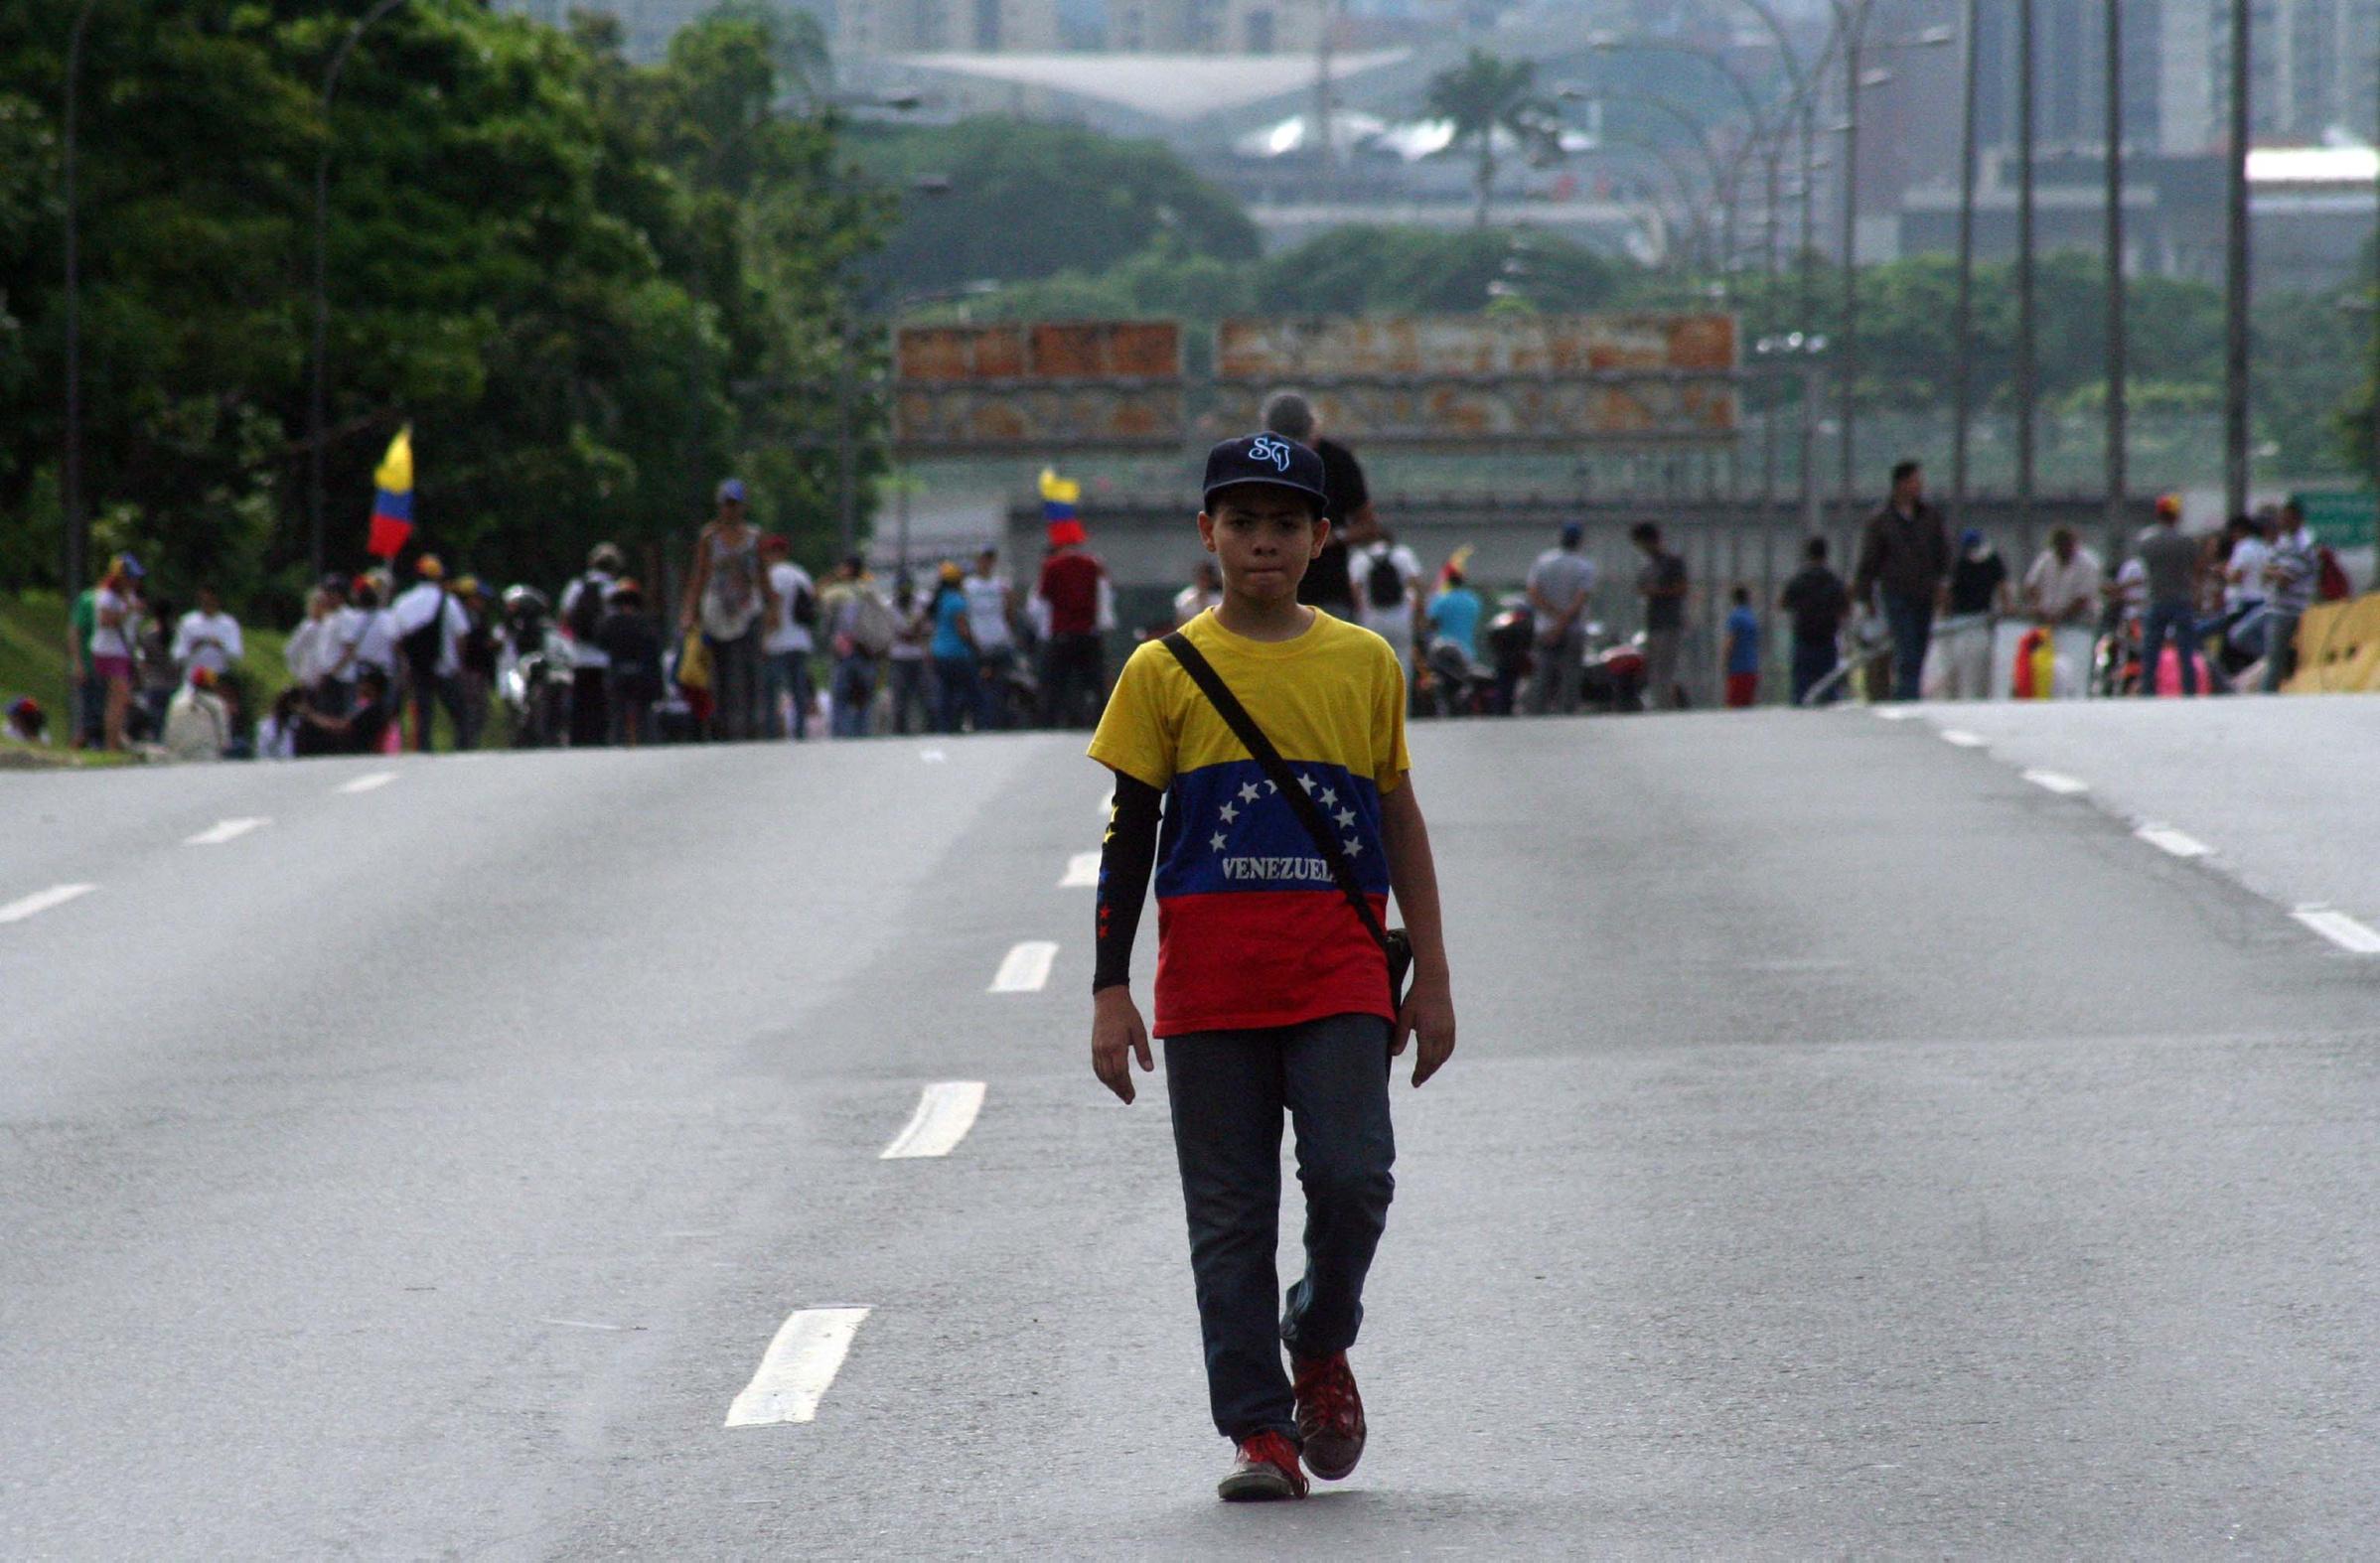 El Gobierno venezolano considera que esas afirmaciones son mentiras para justificar una potencial intervención extranjera. FOTO REUTERS